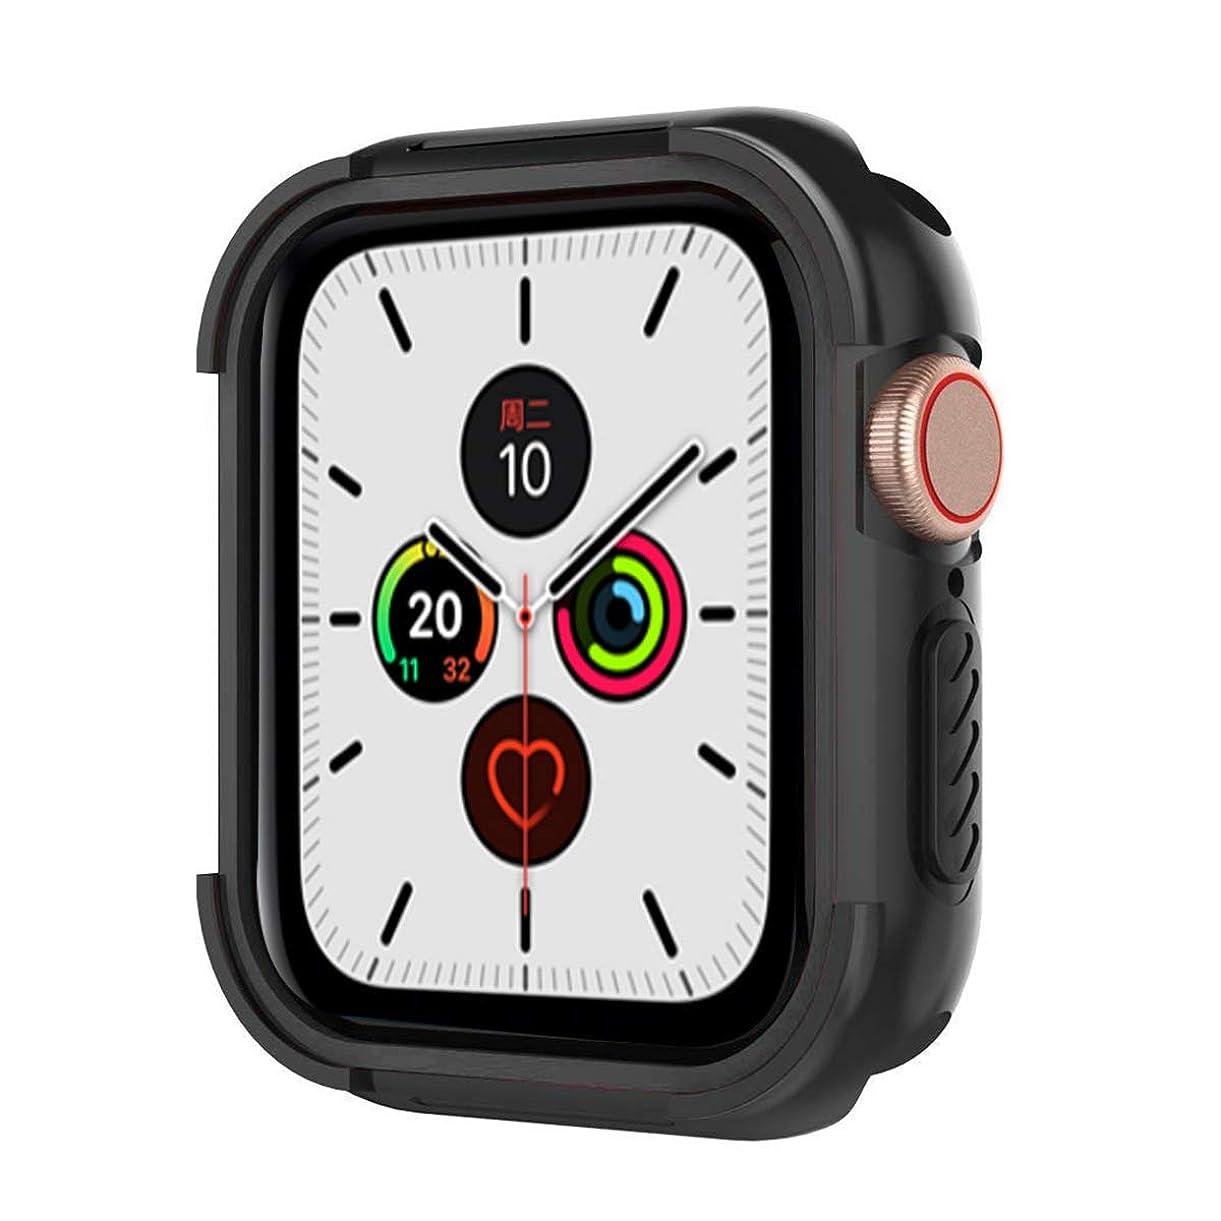 元の奨学金形式Kartice for Apple Watch Series 5 44mm 保護ケース 耐衝撃 傷防止 着装まま充電可能 TPU素材 アップルウォッチ5保護カバー Apple Watch 5 (44mm,黒)